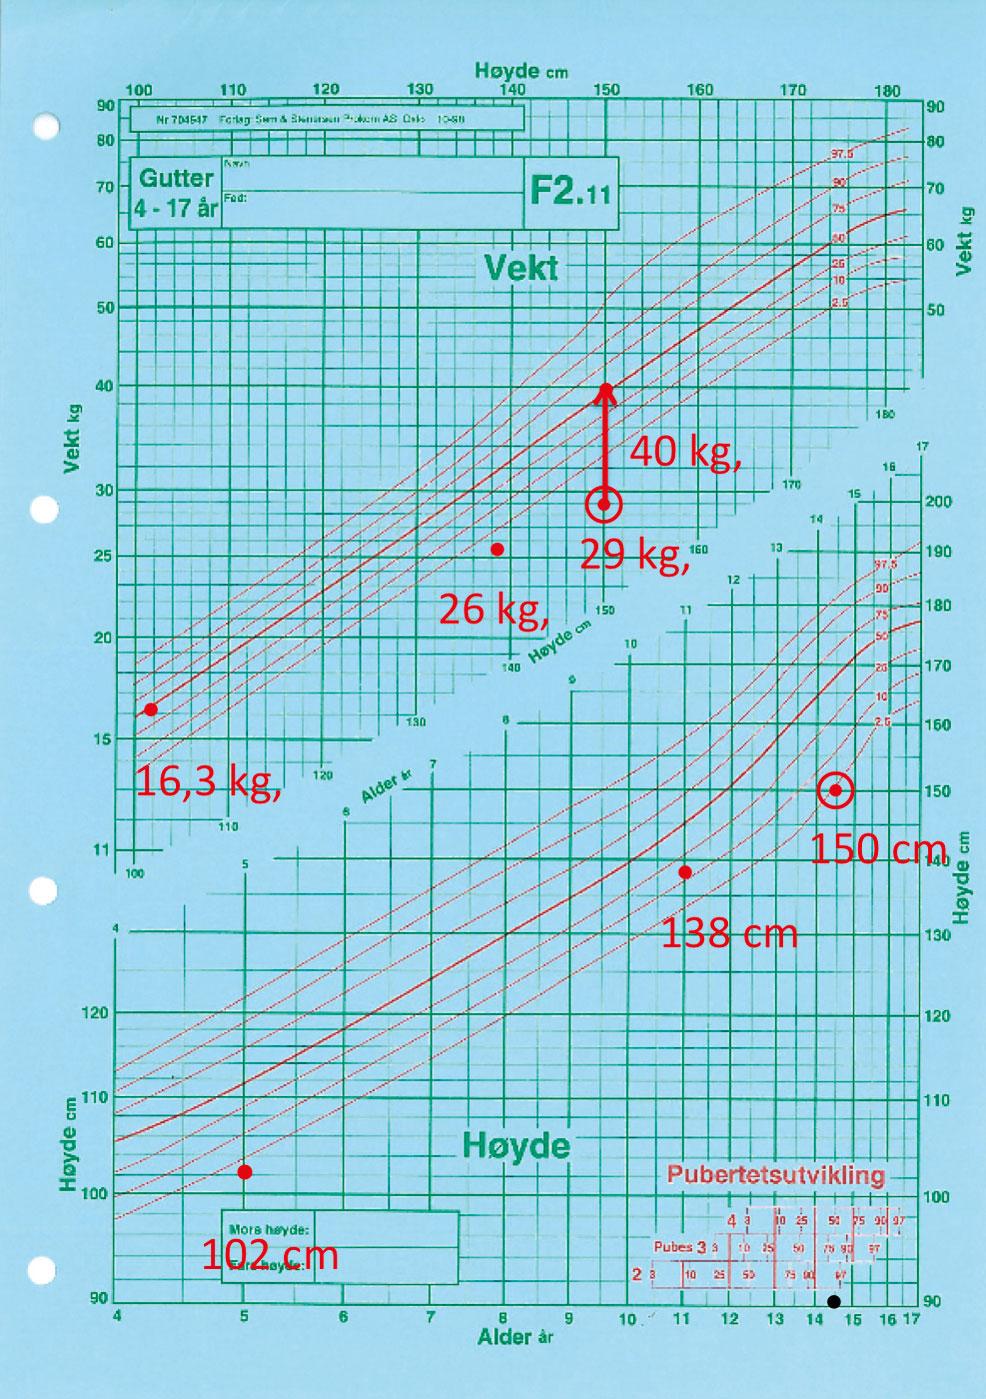 Figur 3 . Vekstkurve hos 14,5 år gammel gutt med Crohn (endoskopi bilder i figur 2). Punkter lagt inn viser lengde og vekt for lengde ved henholdsvis 5 og 11 år. Dobbel sirkler viser lengde og vekt for lengde ved diagnosetidspunktet (14.5 år) og vektøkningen etter 8 uker med utelukkende flytende ernæring i kombinasjon med oppstart av Imurel og Remikade (2 doser a 5 mg/kg).